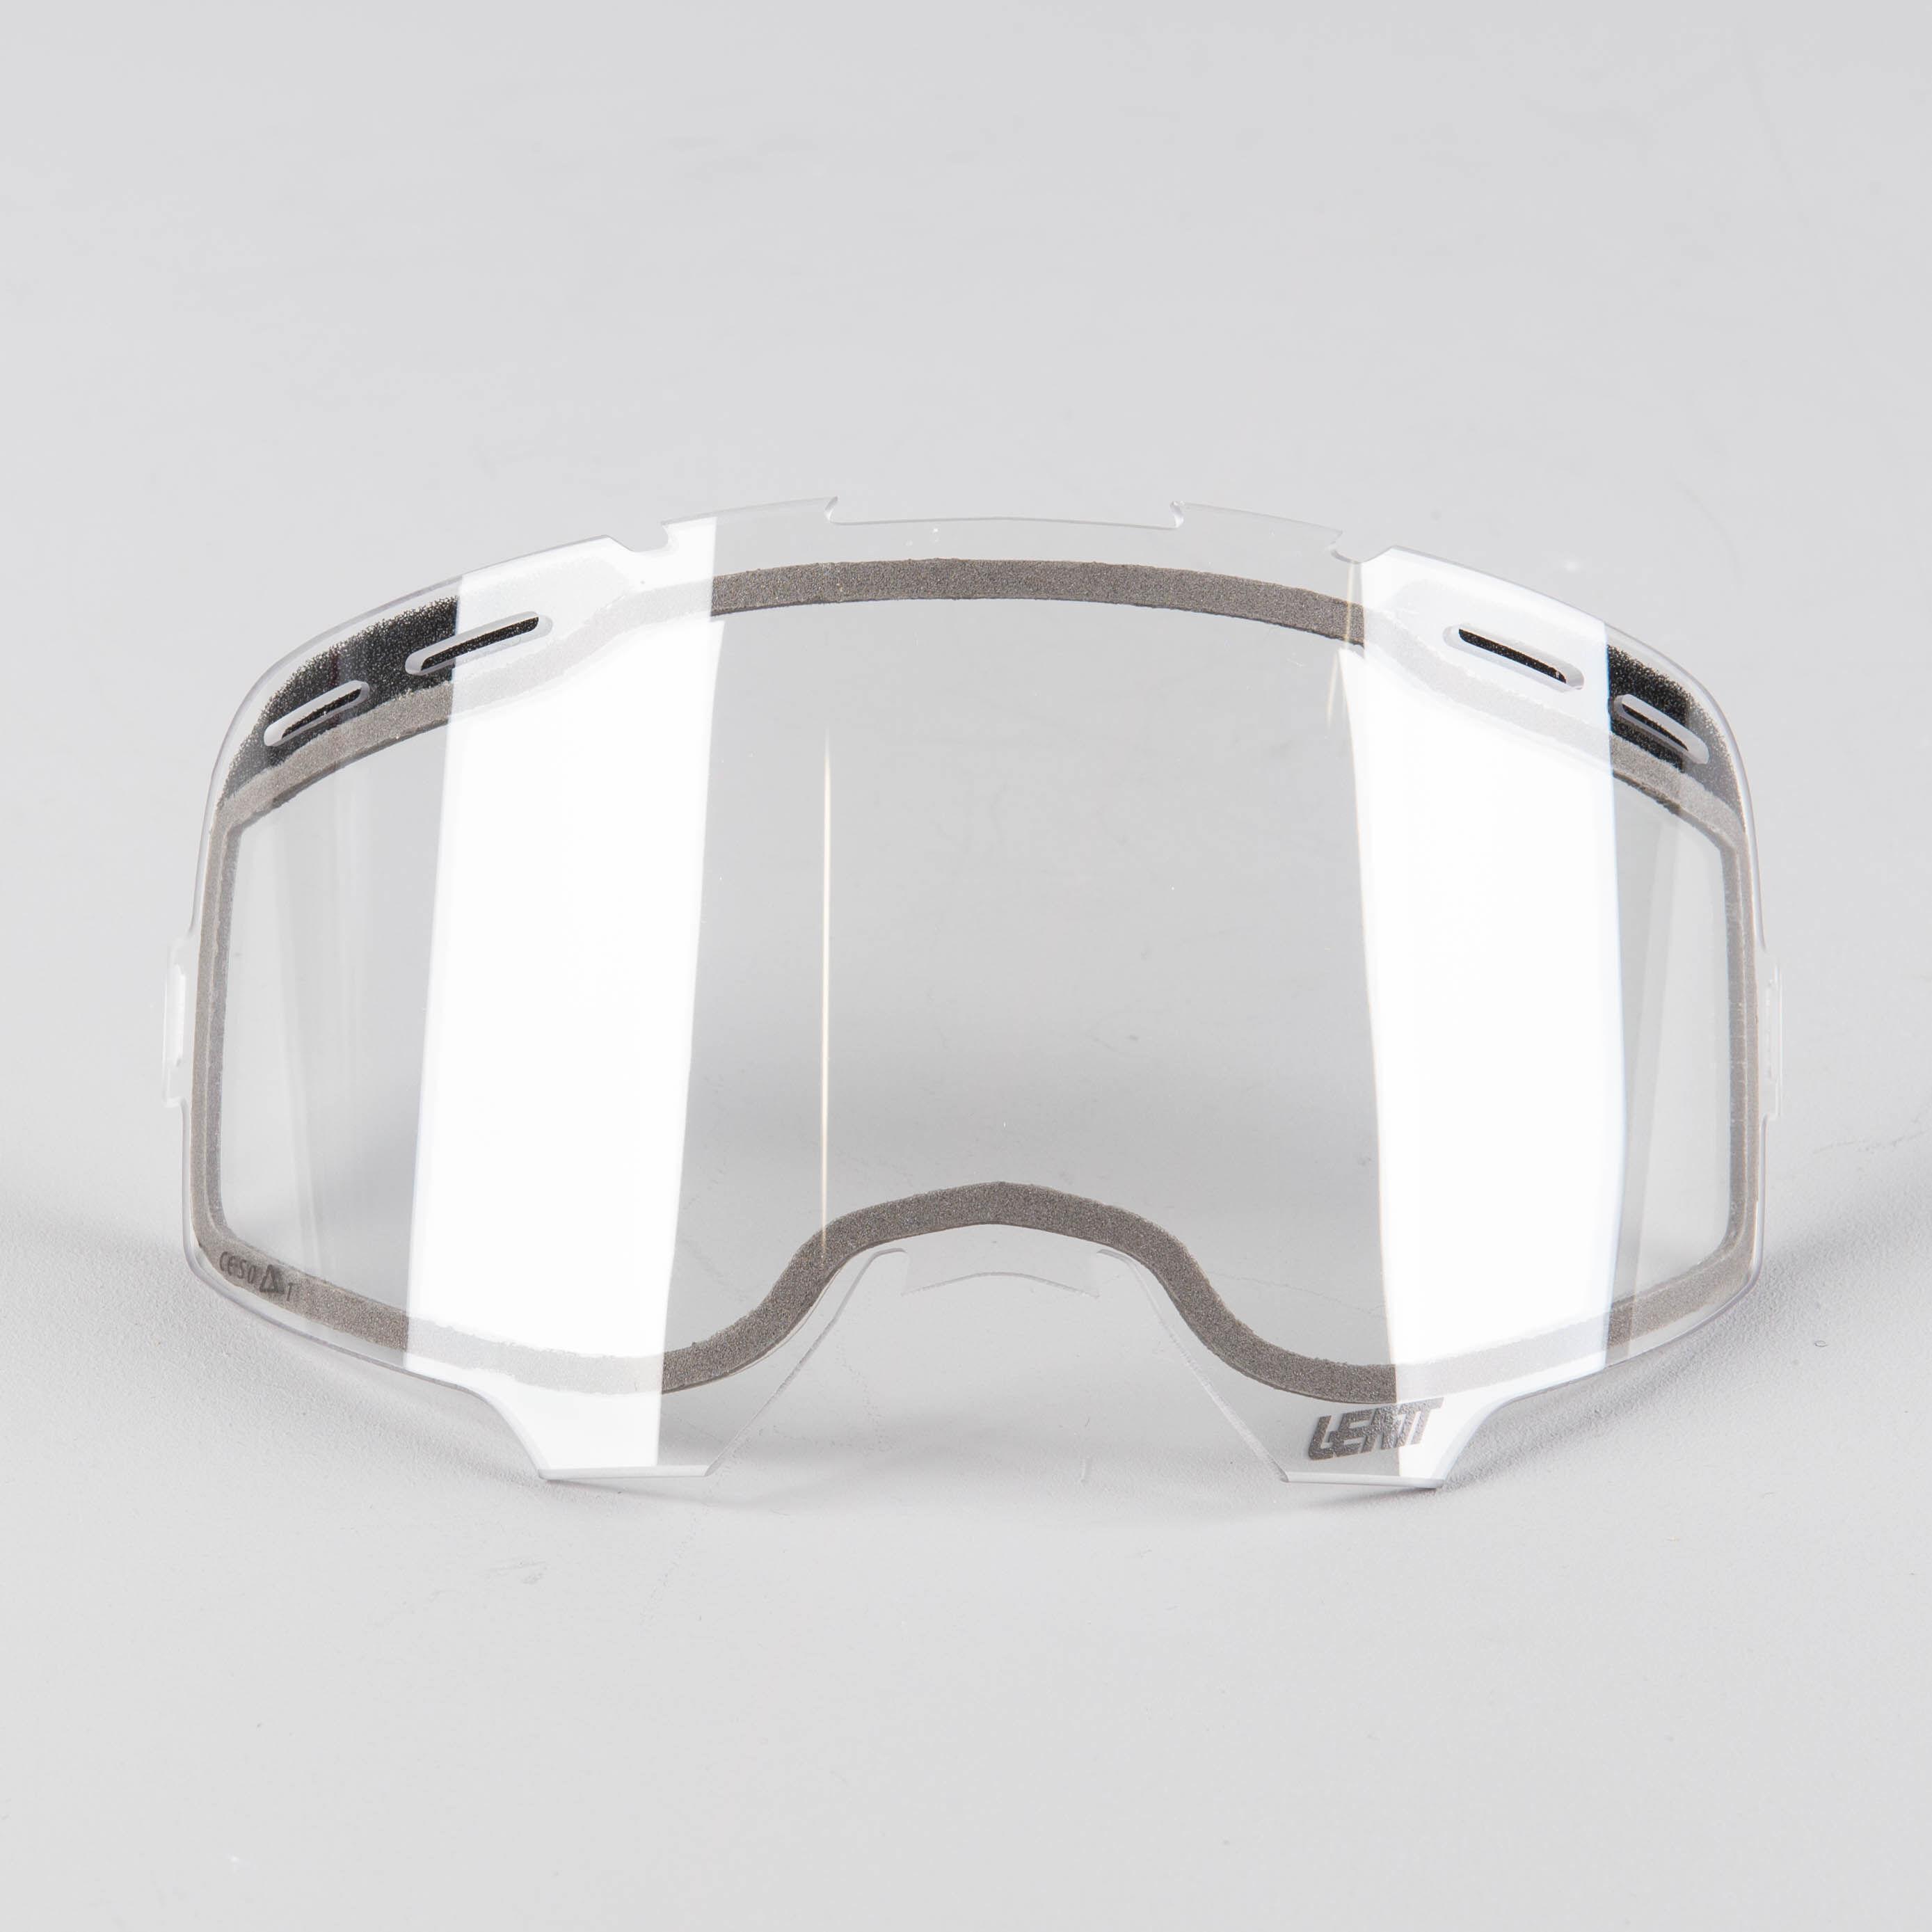 Leatt Glass Leatt SNX